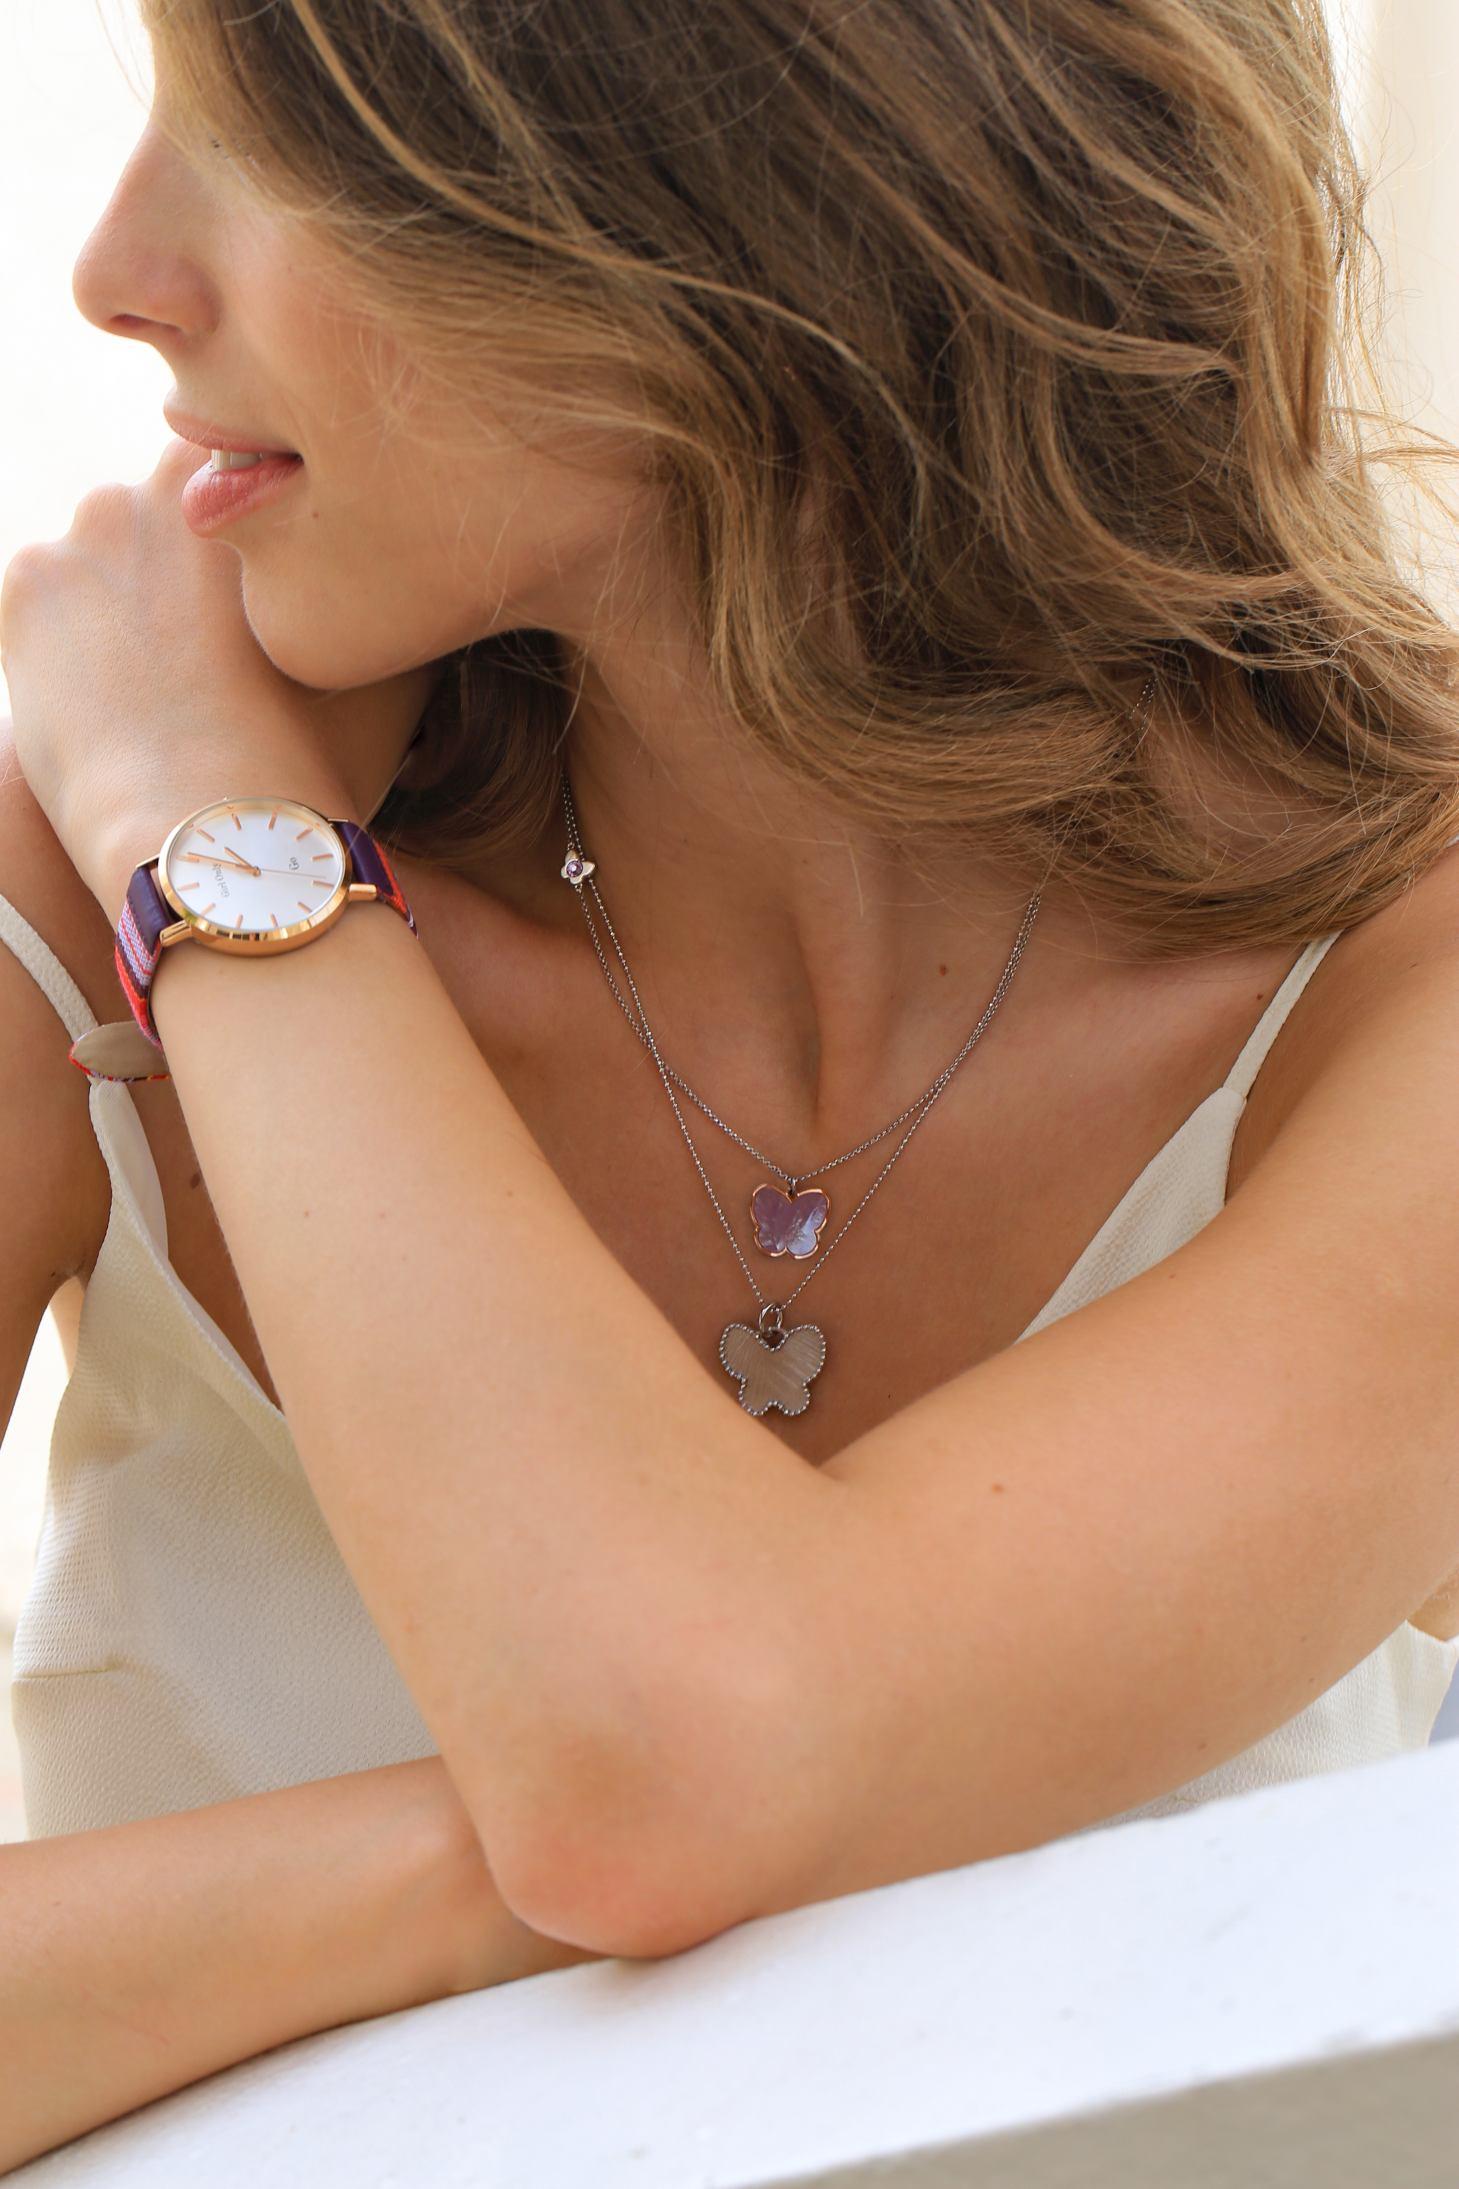 Srebrna ogrlica od red.cijena 550kn, s popustom 275kn, Sat Girl Only, redovna cijena 590kn, s popustom 413kn, Argentum